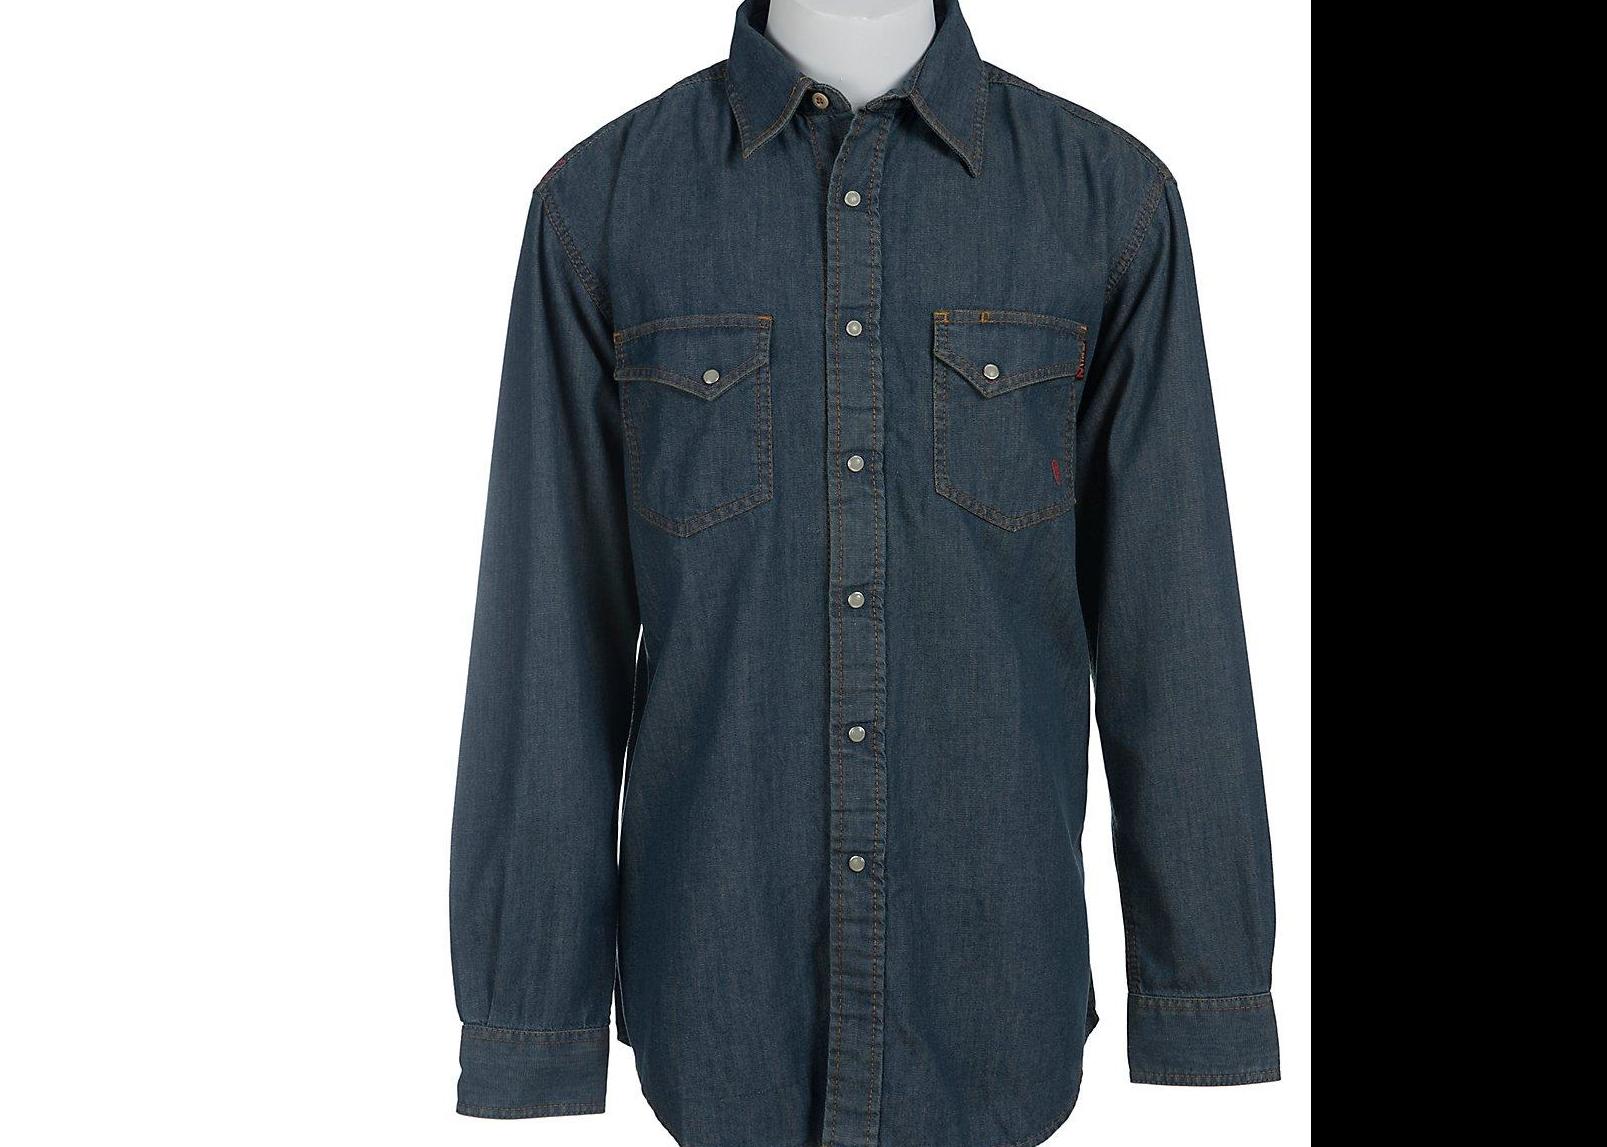 Ariat 10015067 Fire Retardant Clothes